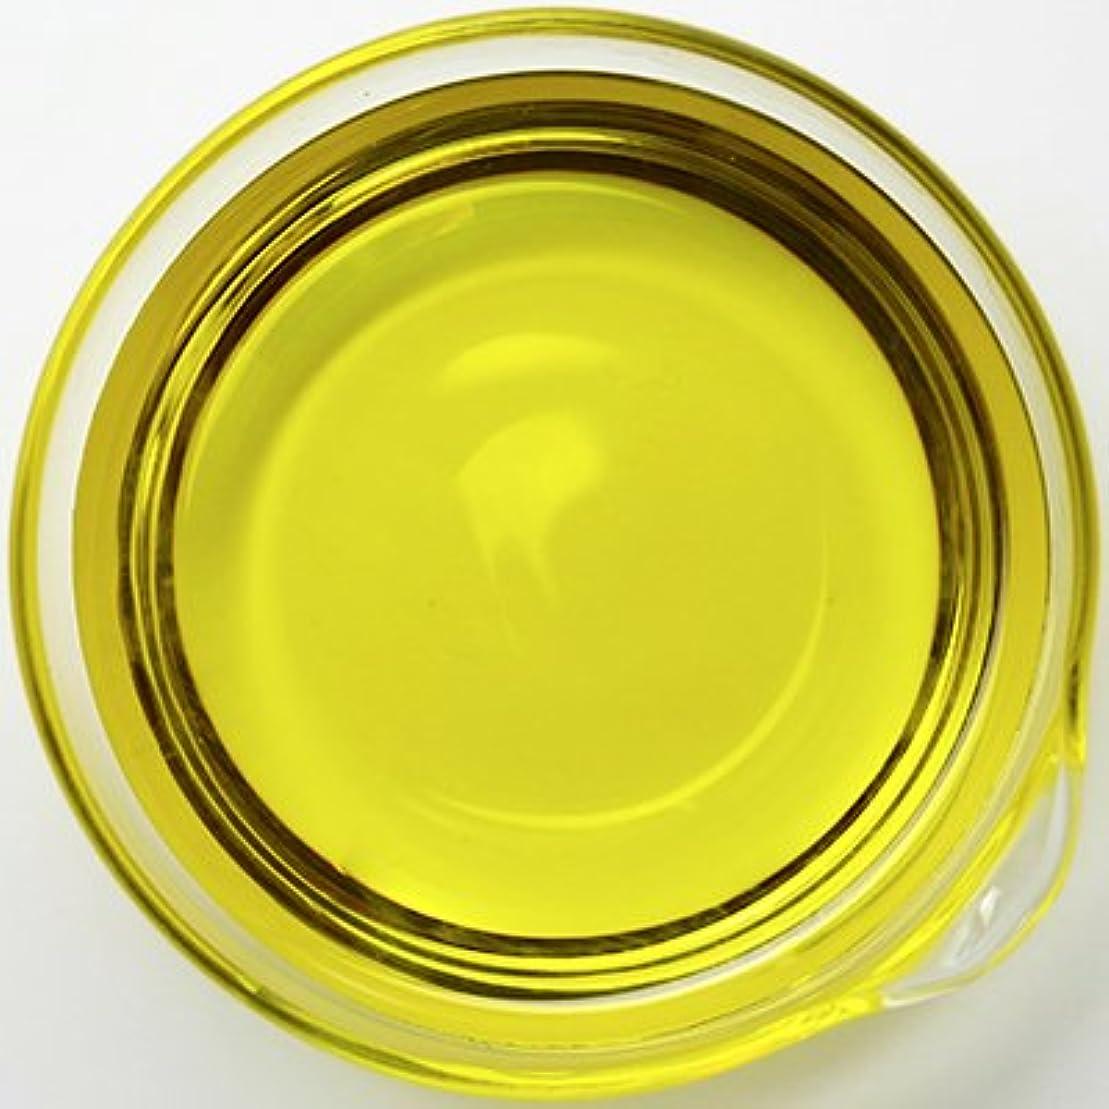 限り消毒するシーンオーガニック アルニカオイル [アルニカ抽出油] 500ml 【アルニカ油/手作り石鹸/手作りコスメ/美容オイル/キャリアオイル/マッサージオイル】